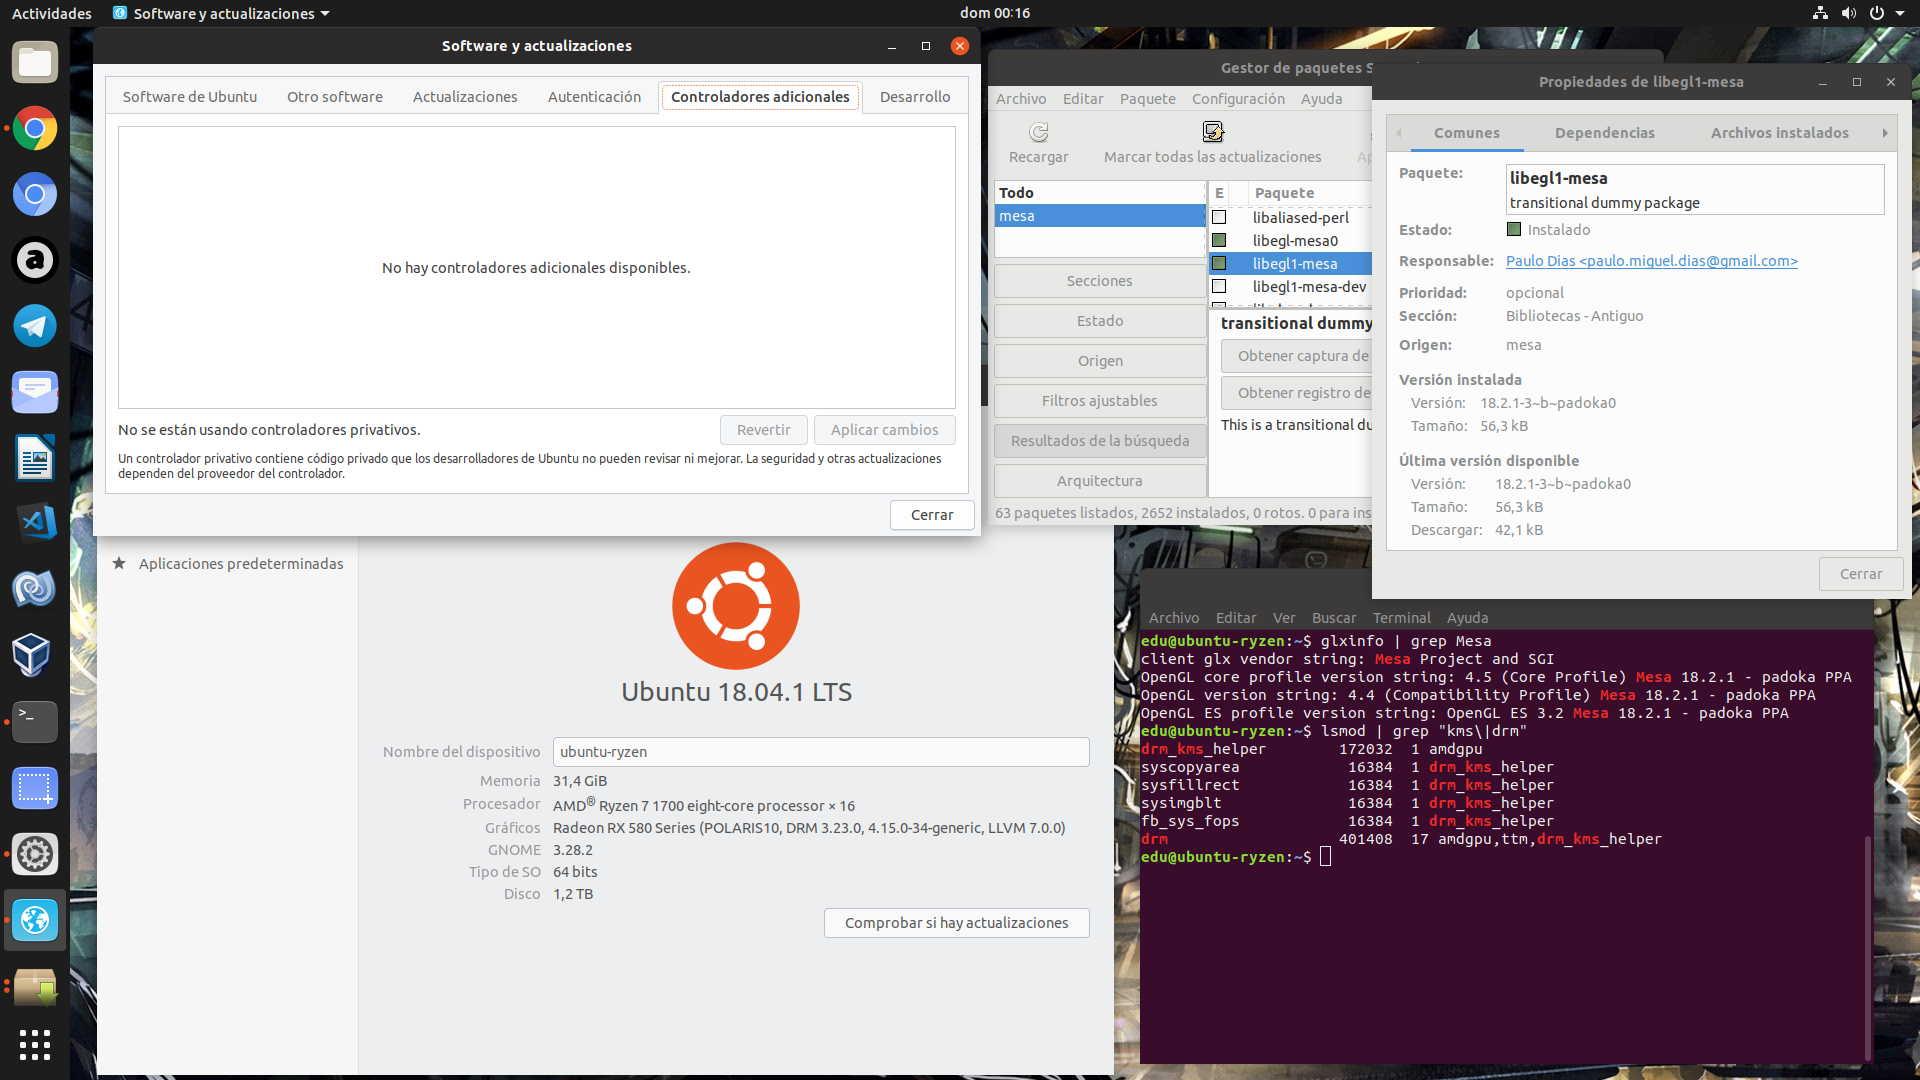 No aparece nada en Controladores Adicionales cuando usa una GPU AMD en Ubuntu